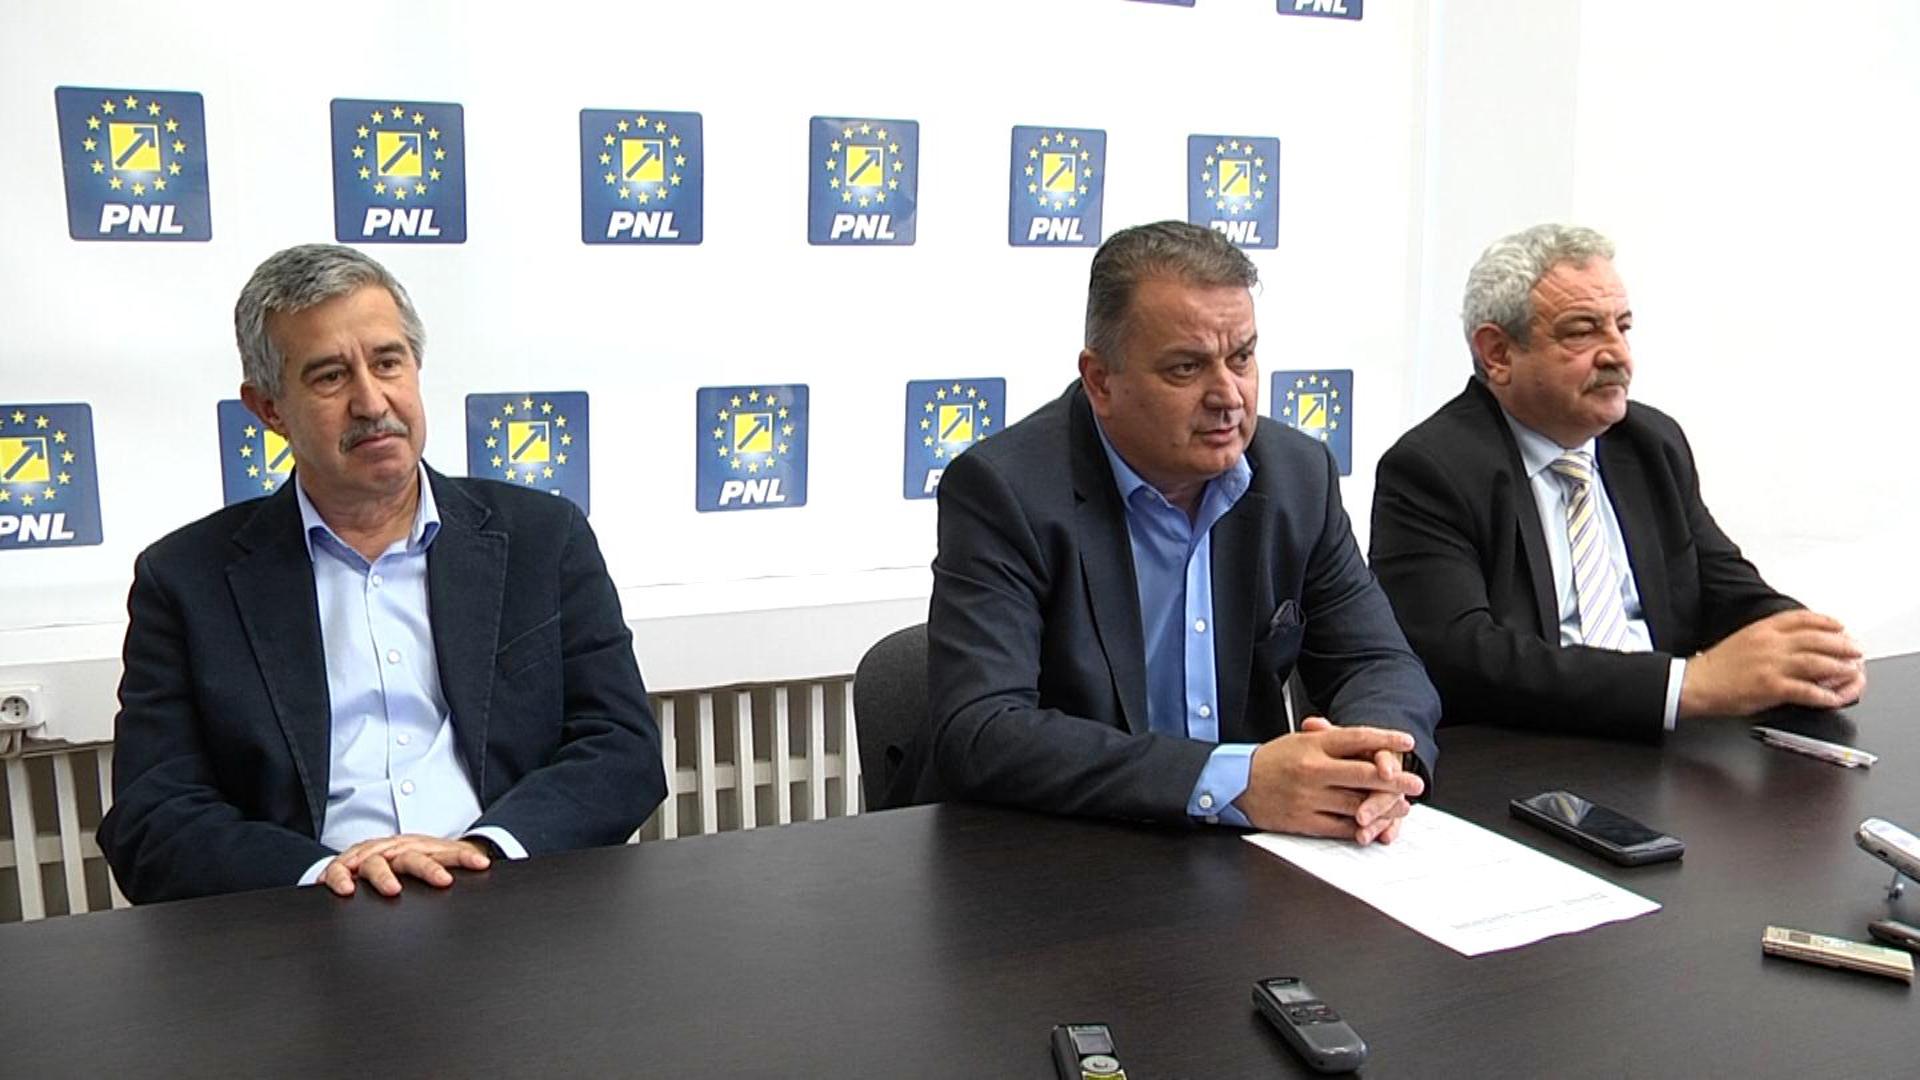 Obiectivele noului preşedinte al PNL Dâmboviţa, Virgil Guran: Reconstrucţia PNL Dâmboviţa şi stingerea tuturor conflictelor